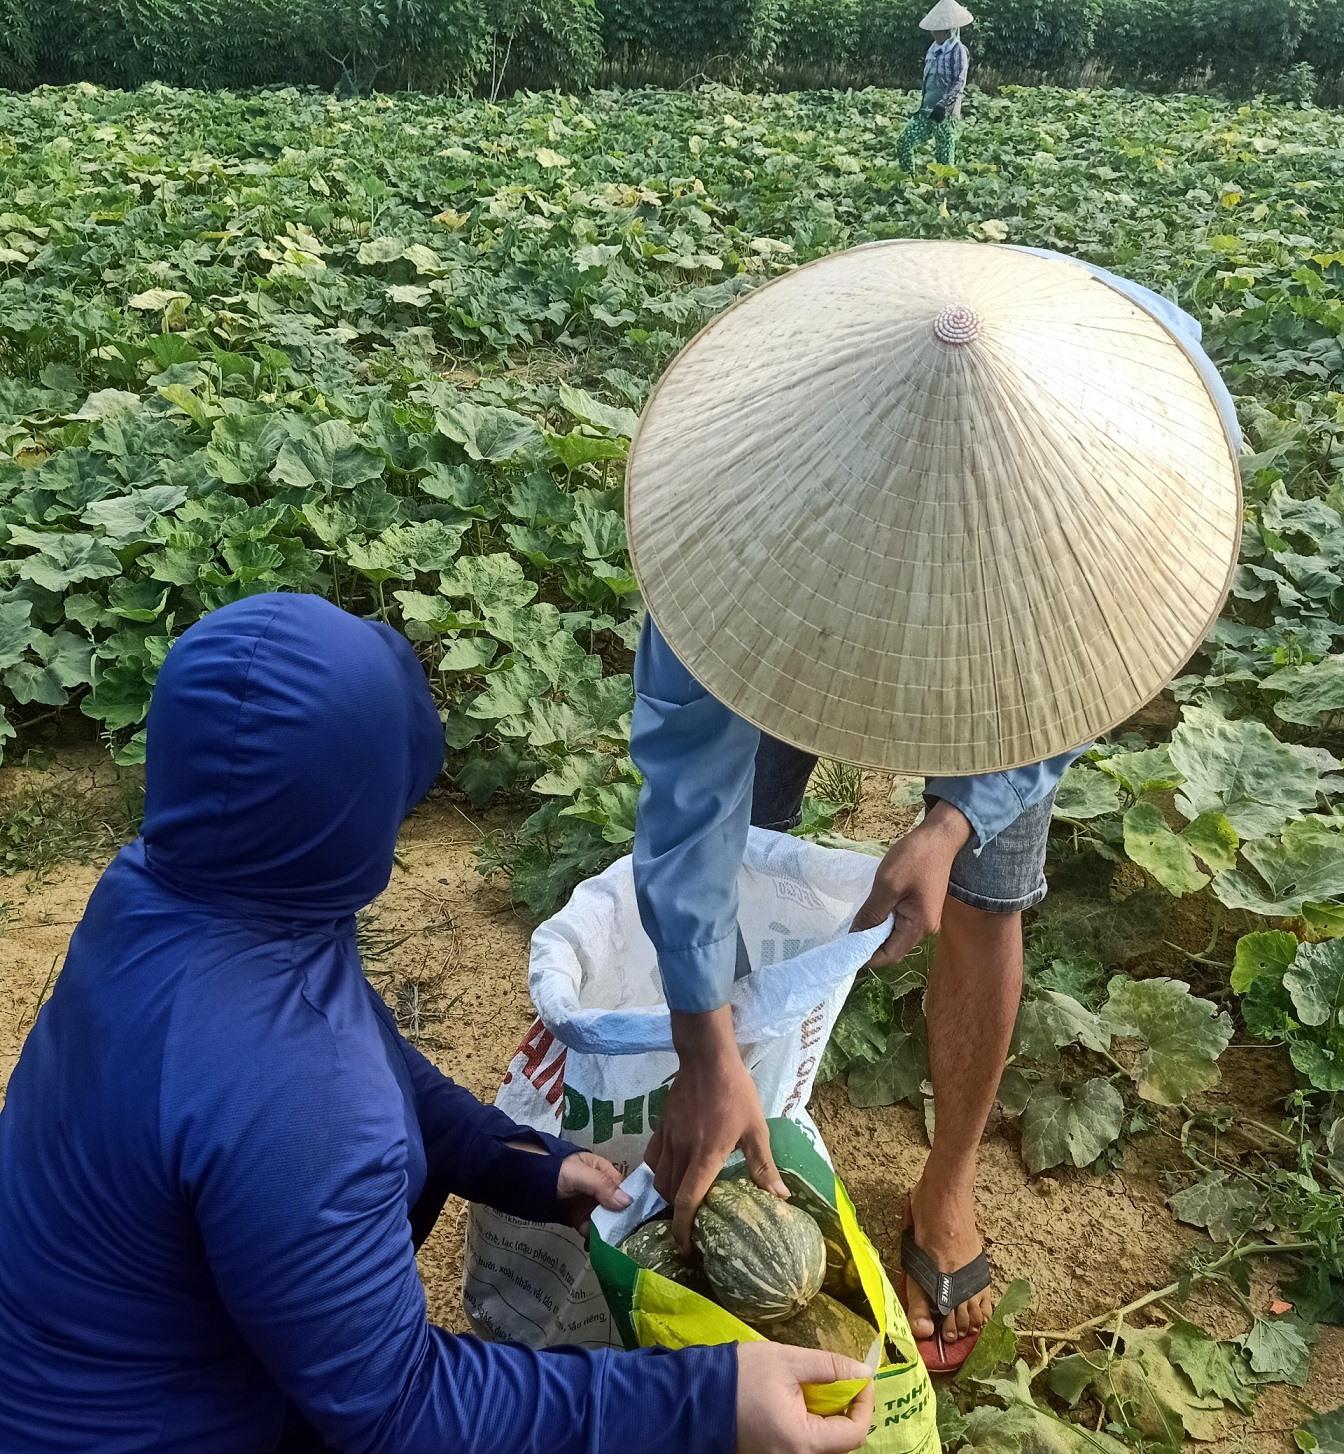 """Người dân hái bí đỏ gửi nhóm mang vào ủng hộ cho bà con vùng """"tâm dich"""" TP.Hồ Chí Minh. Ảnh: P.L"""